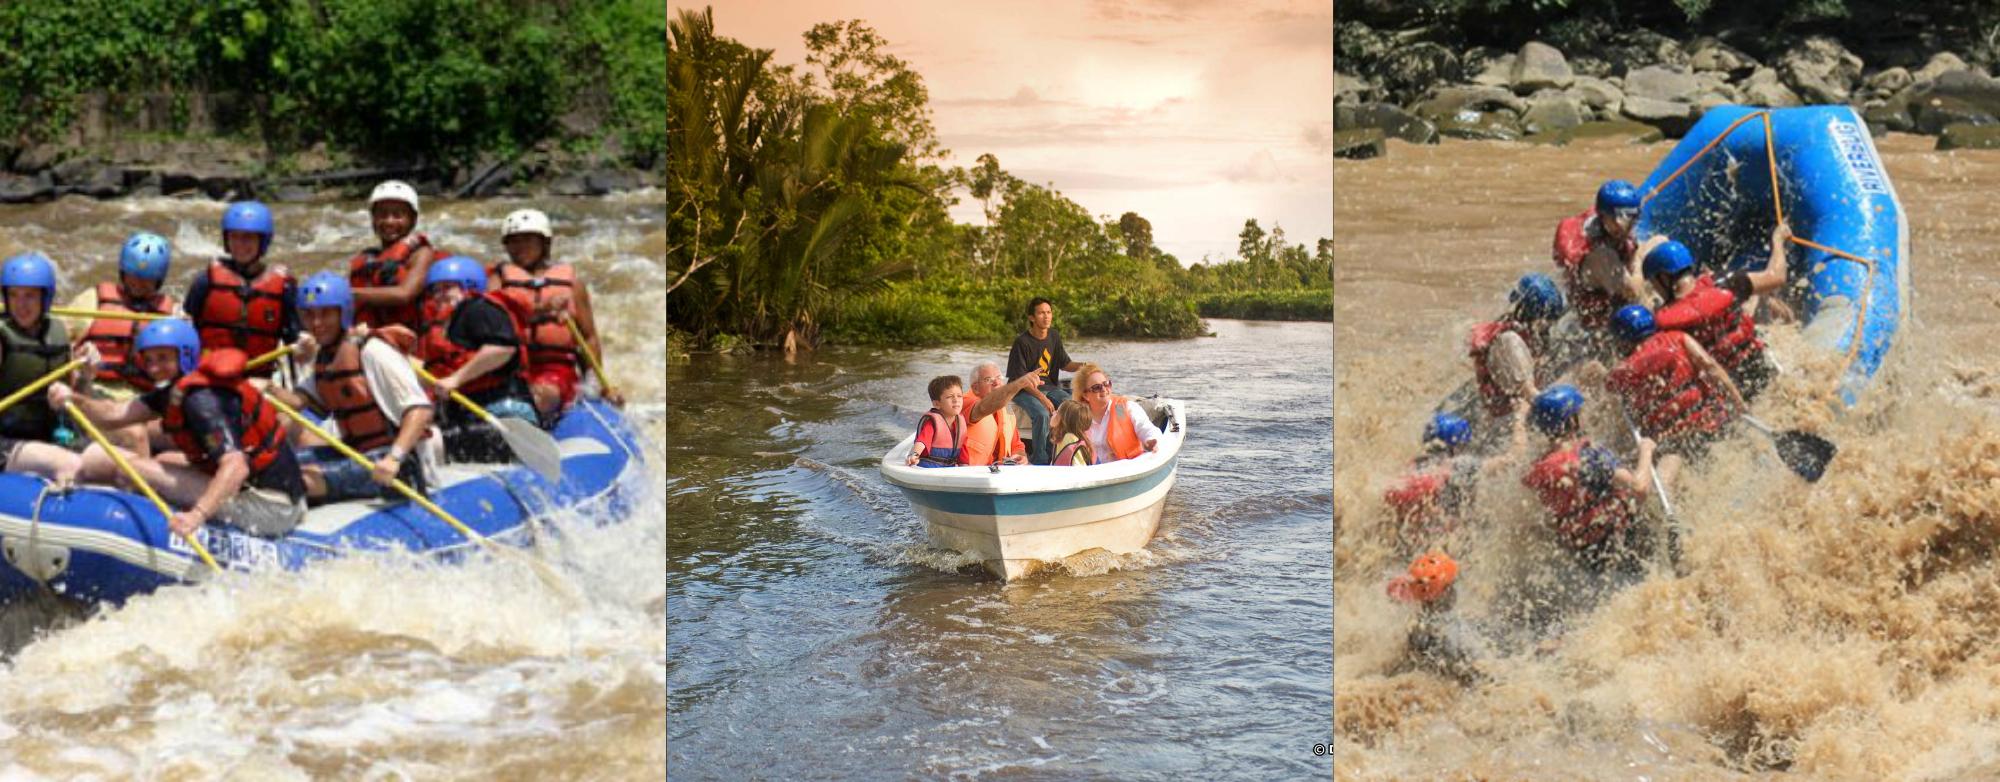 Sabah-river-rafting